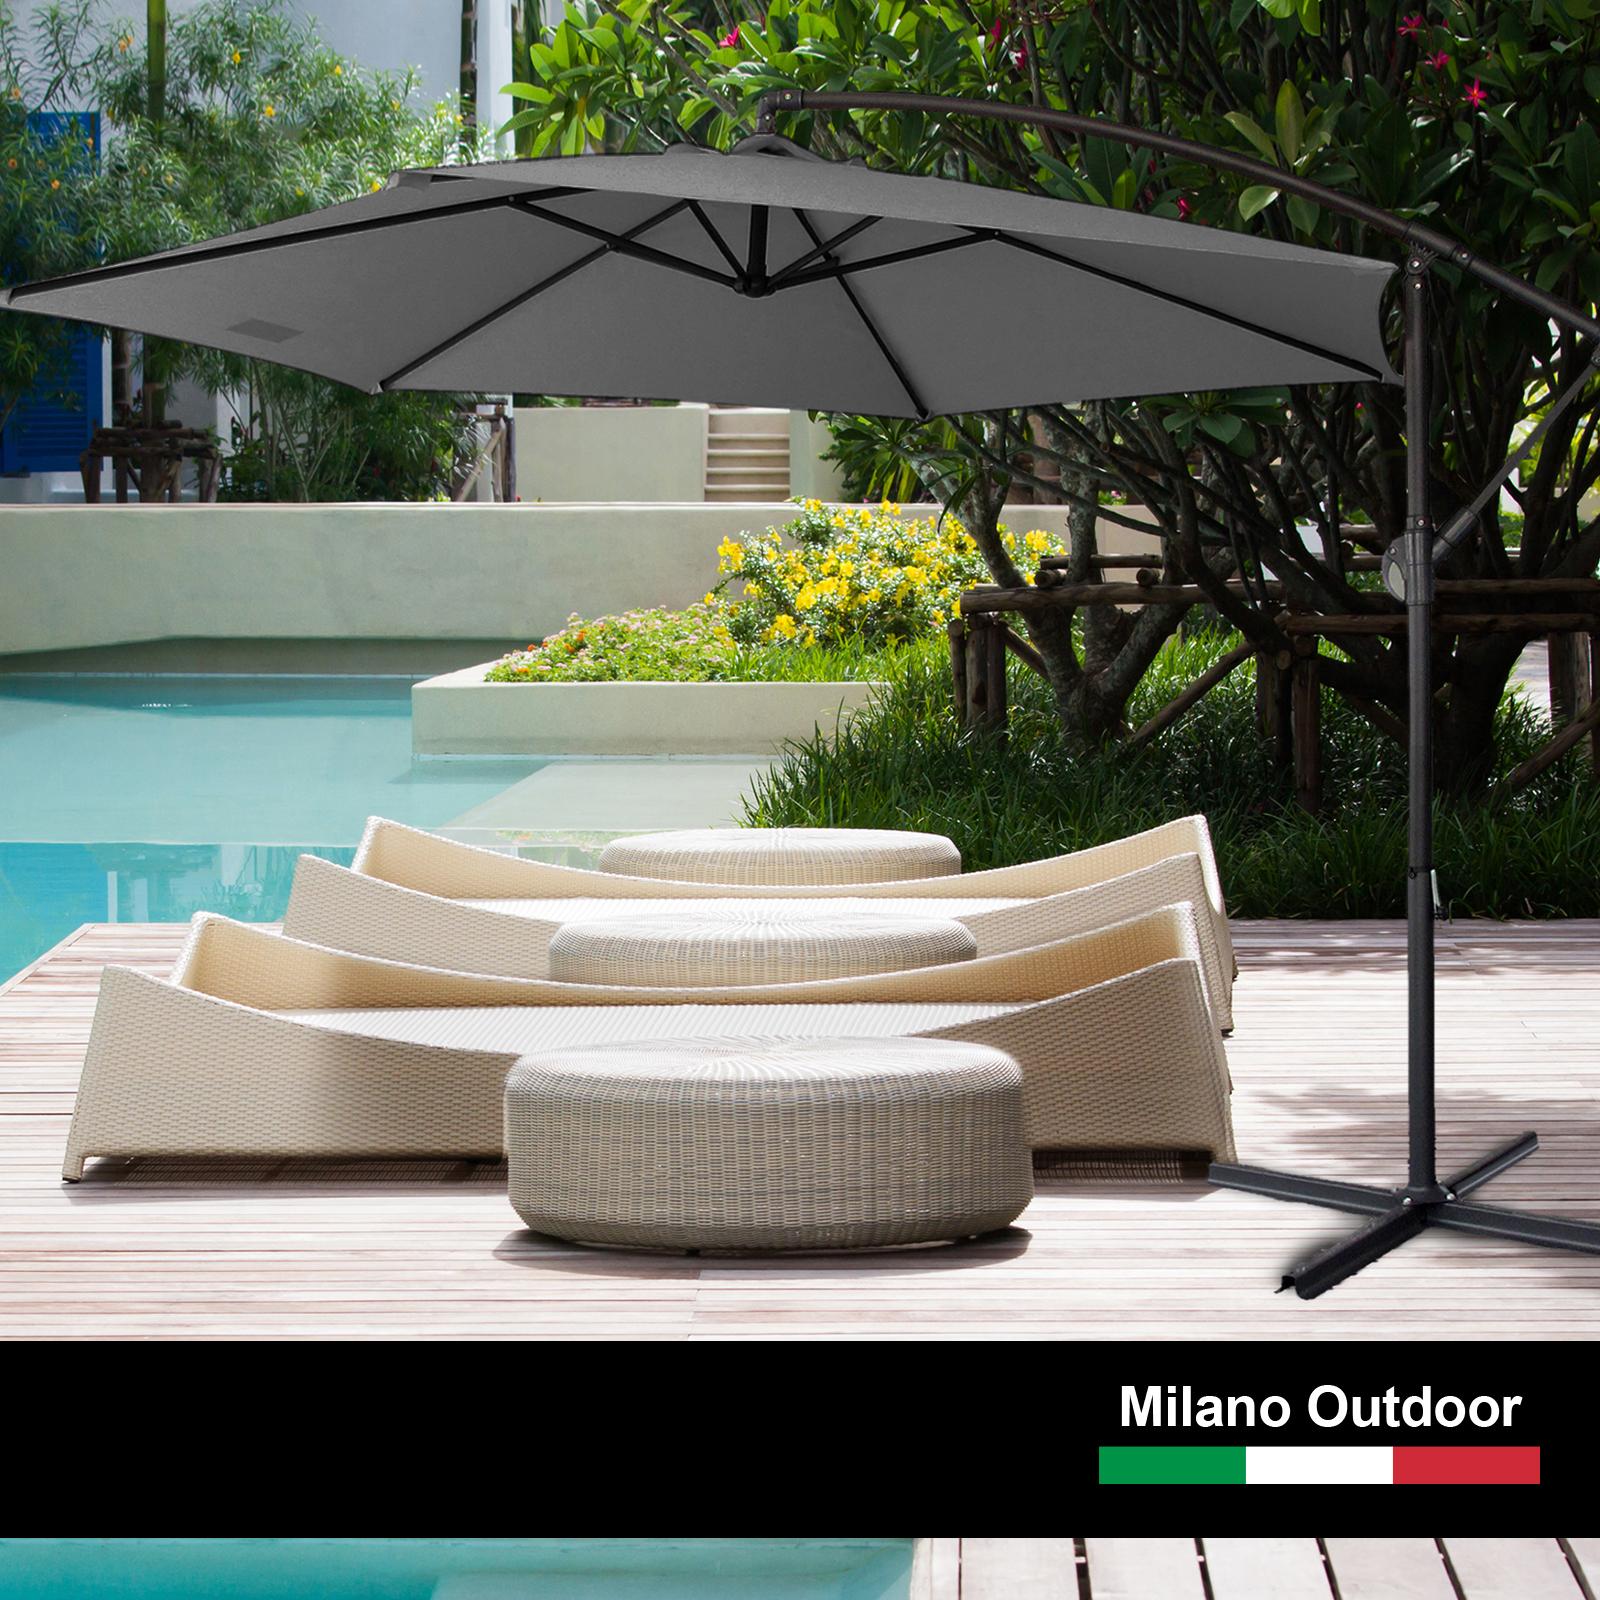 thumbnail 21 - Milano Outdoor 3 Metre Cantilever Umbrella UV Sunshade Garden Patio Deck